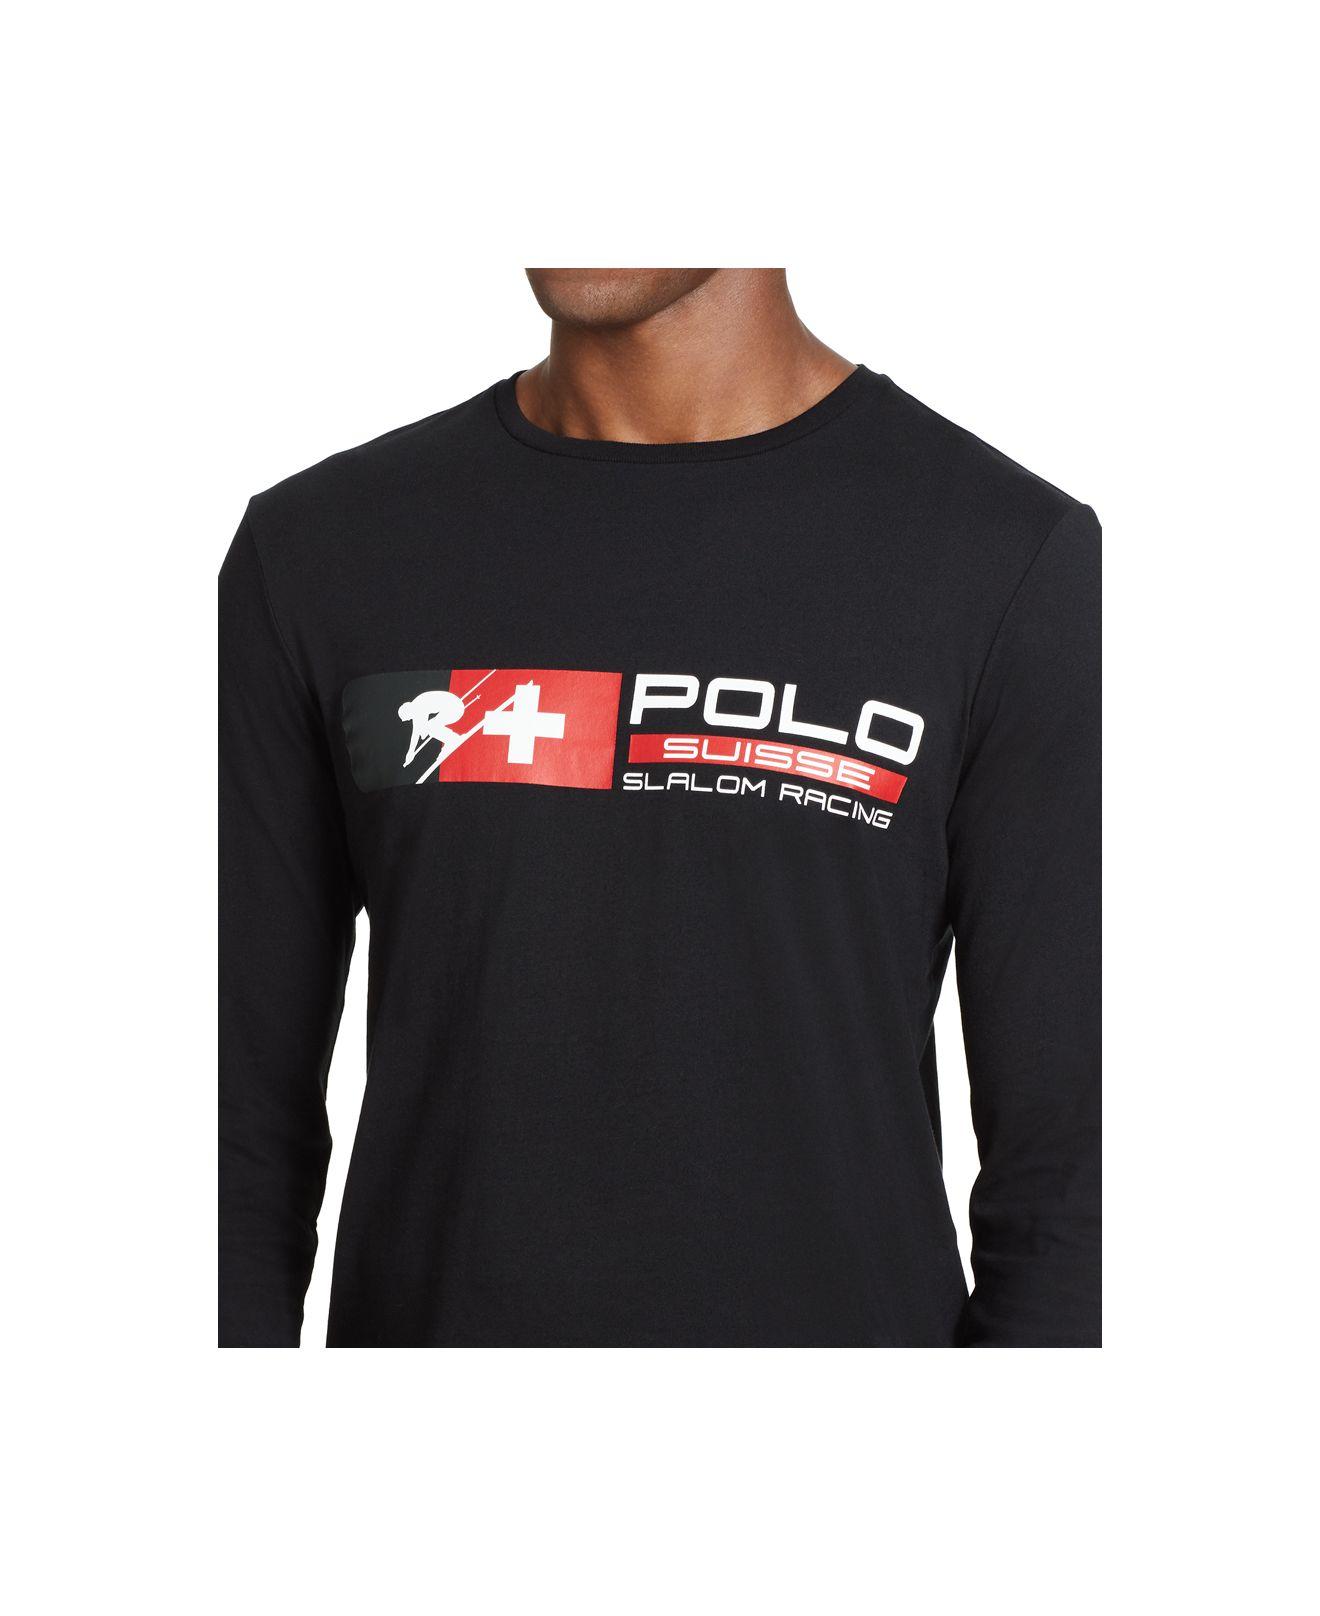 Polo ralph lauren Ski Crew-neck Shirt in Black for Men (Polo Black)